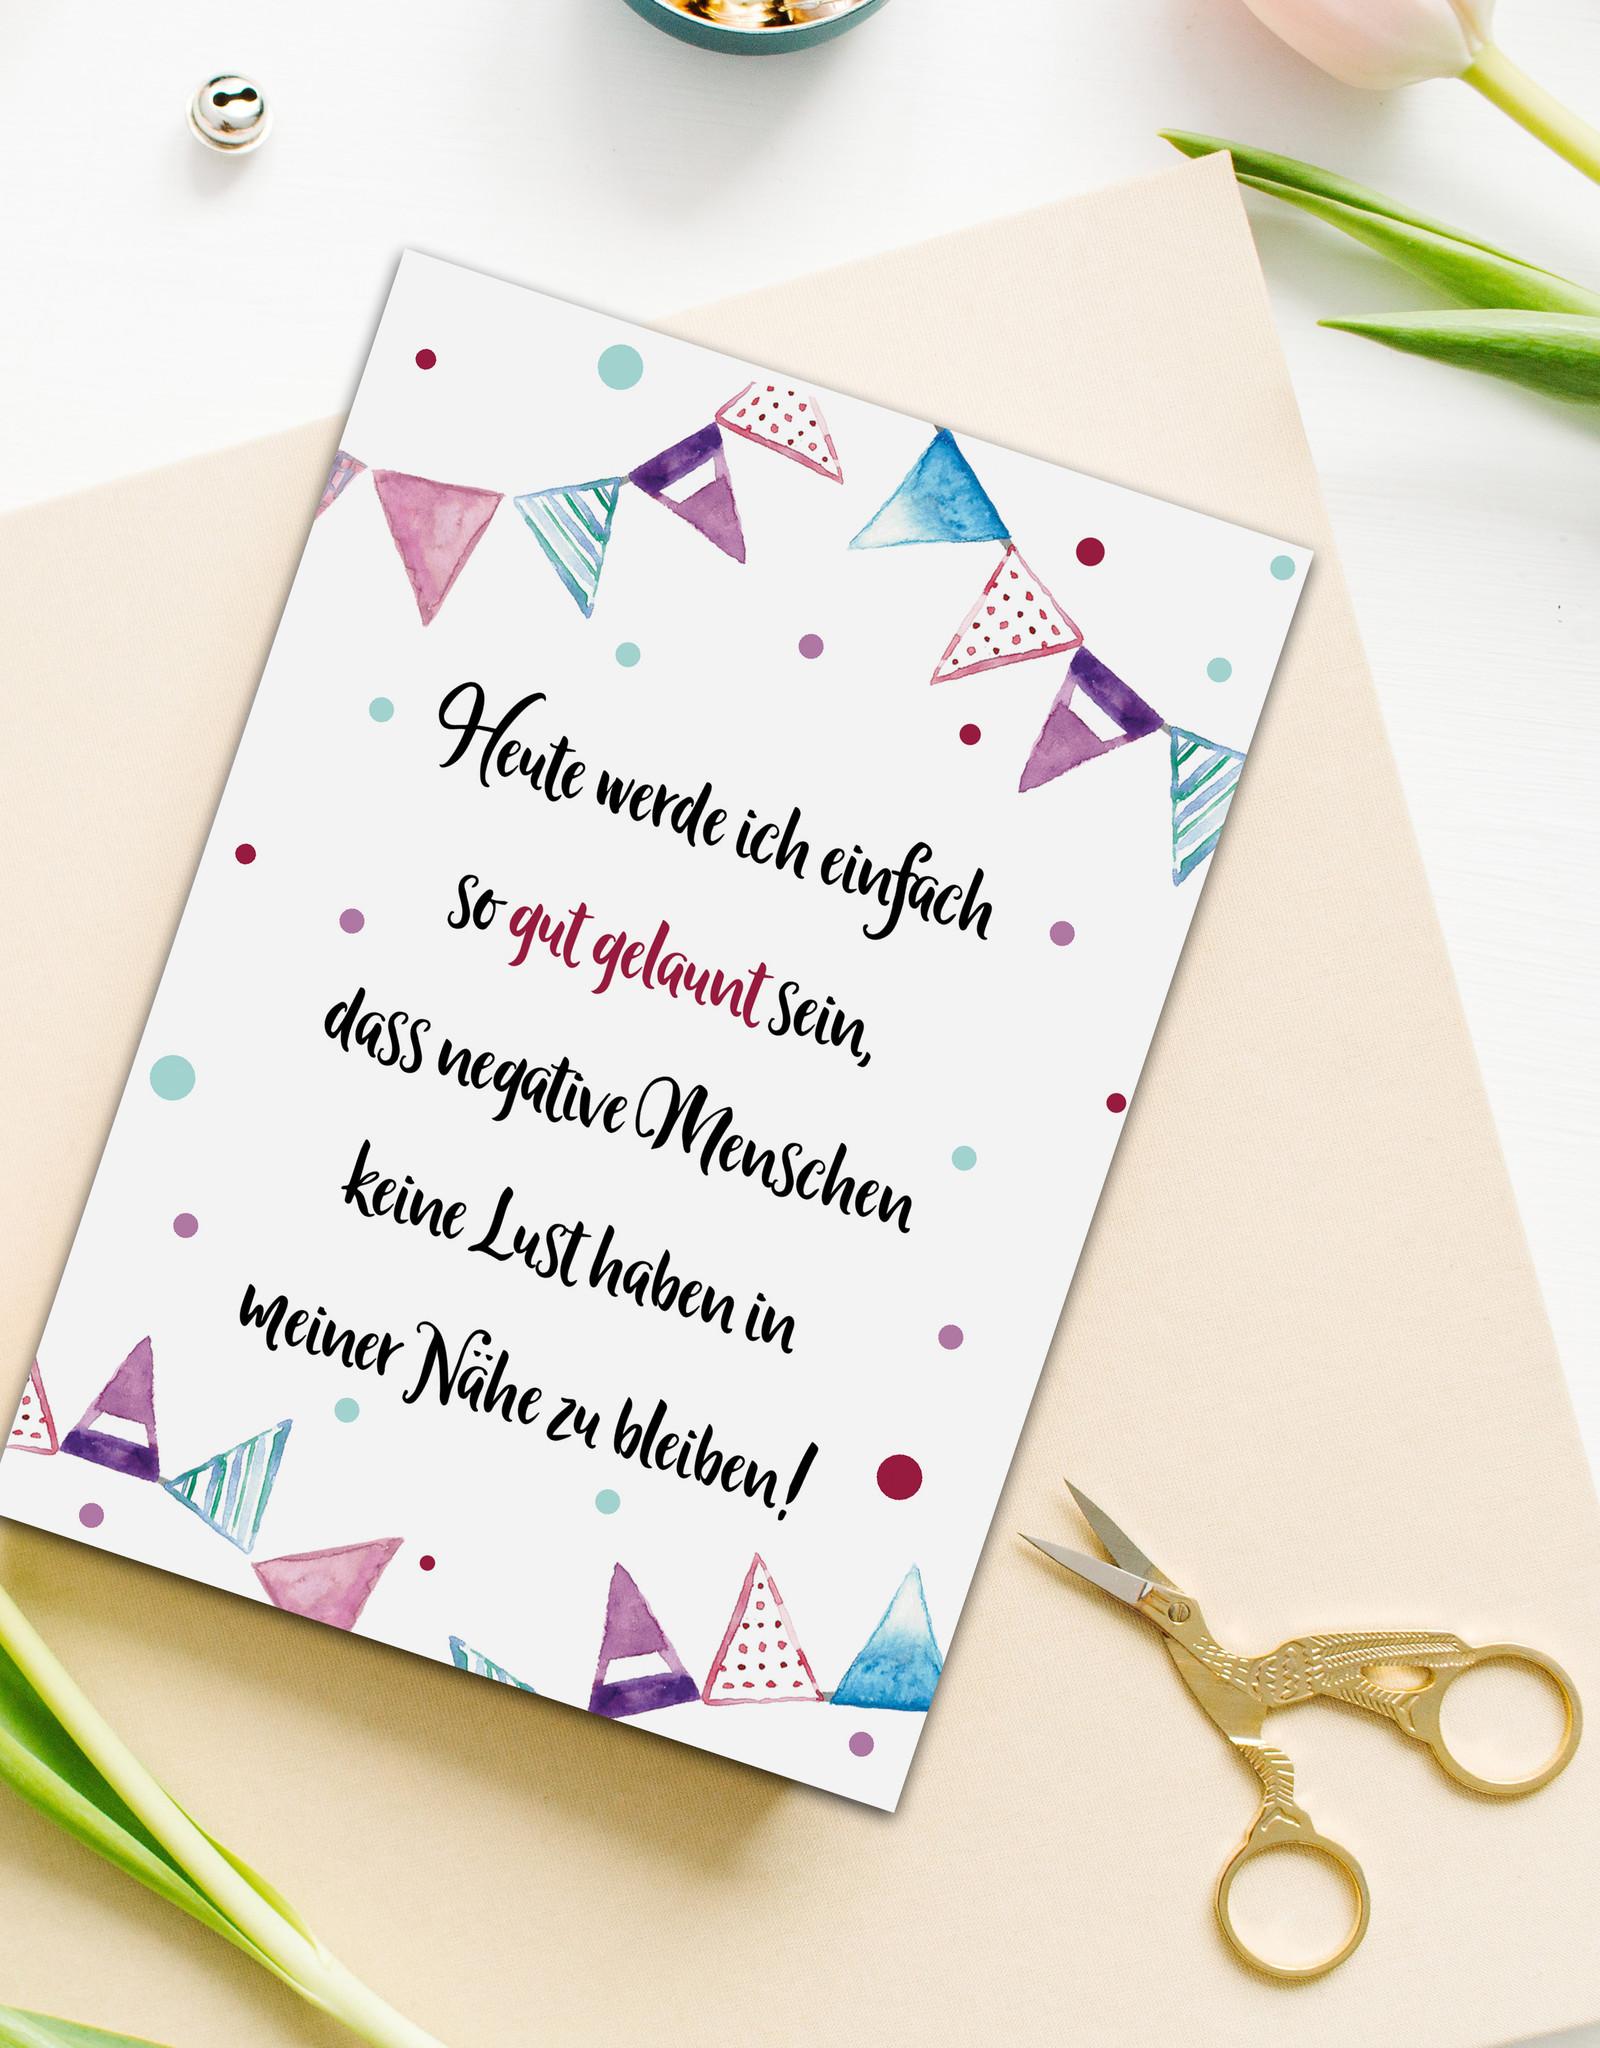 """Postkarte Spruch """"Heute werde ich gut gelaunt sein"""", Postkarte Sprüche Postkarten Motivation, Sprüche Karte, Motivationskarte"""